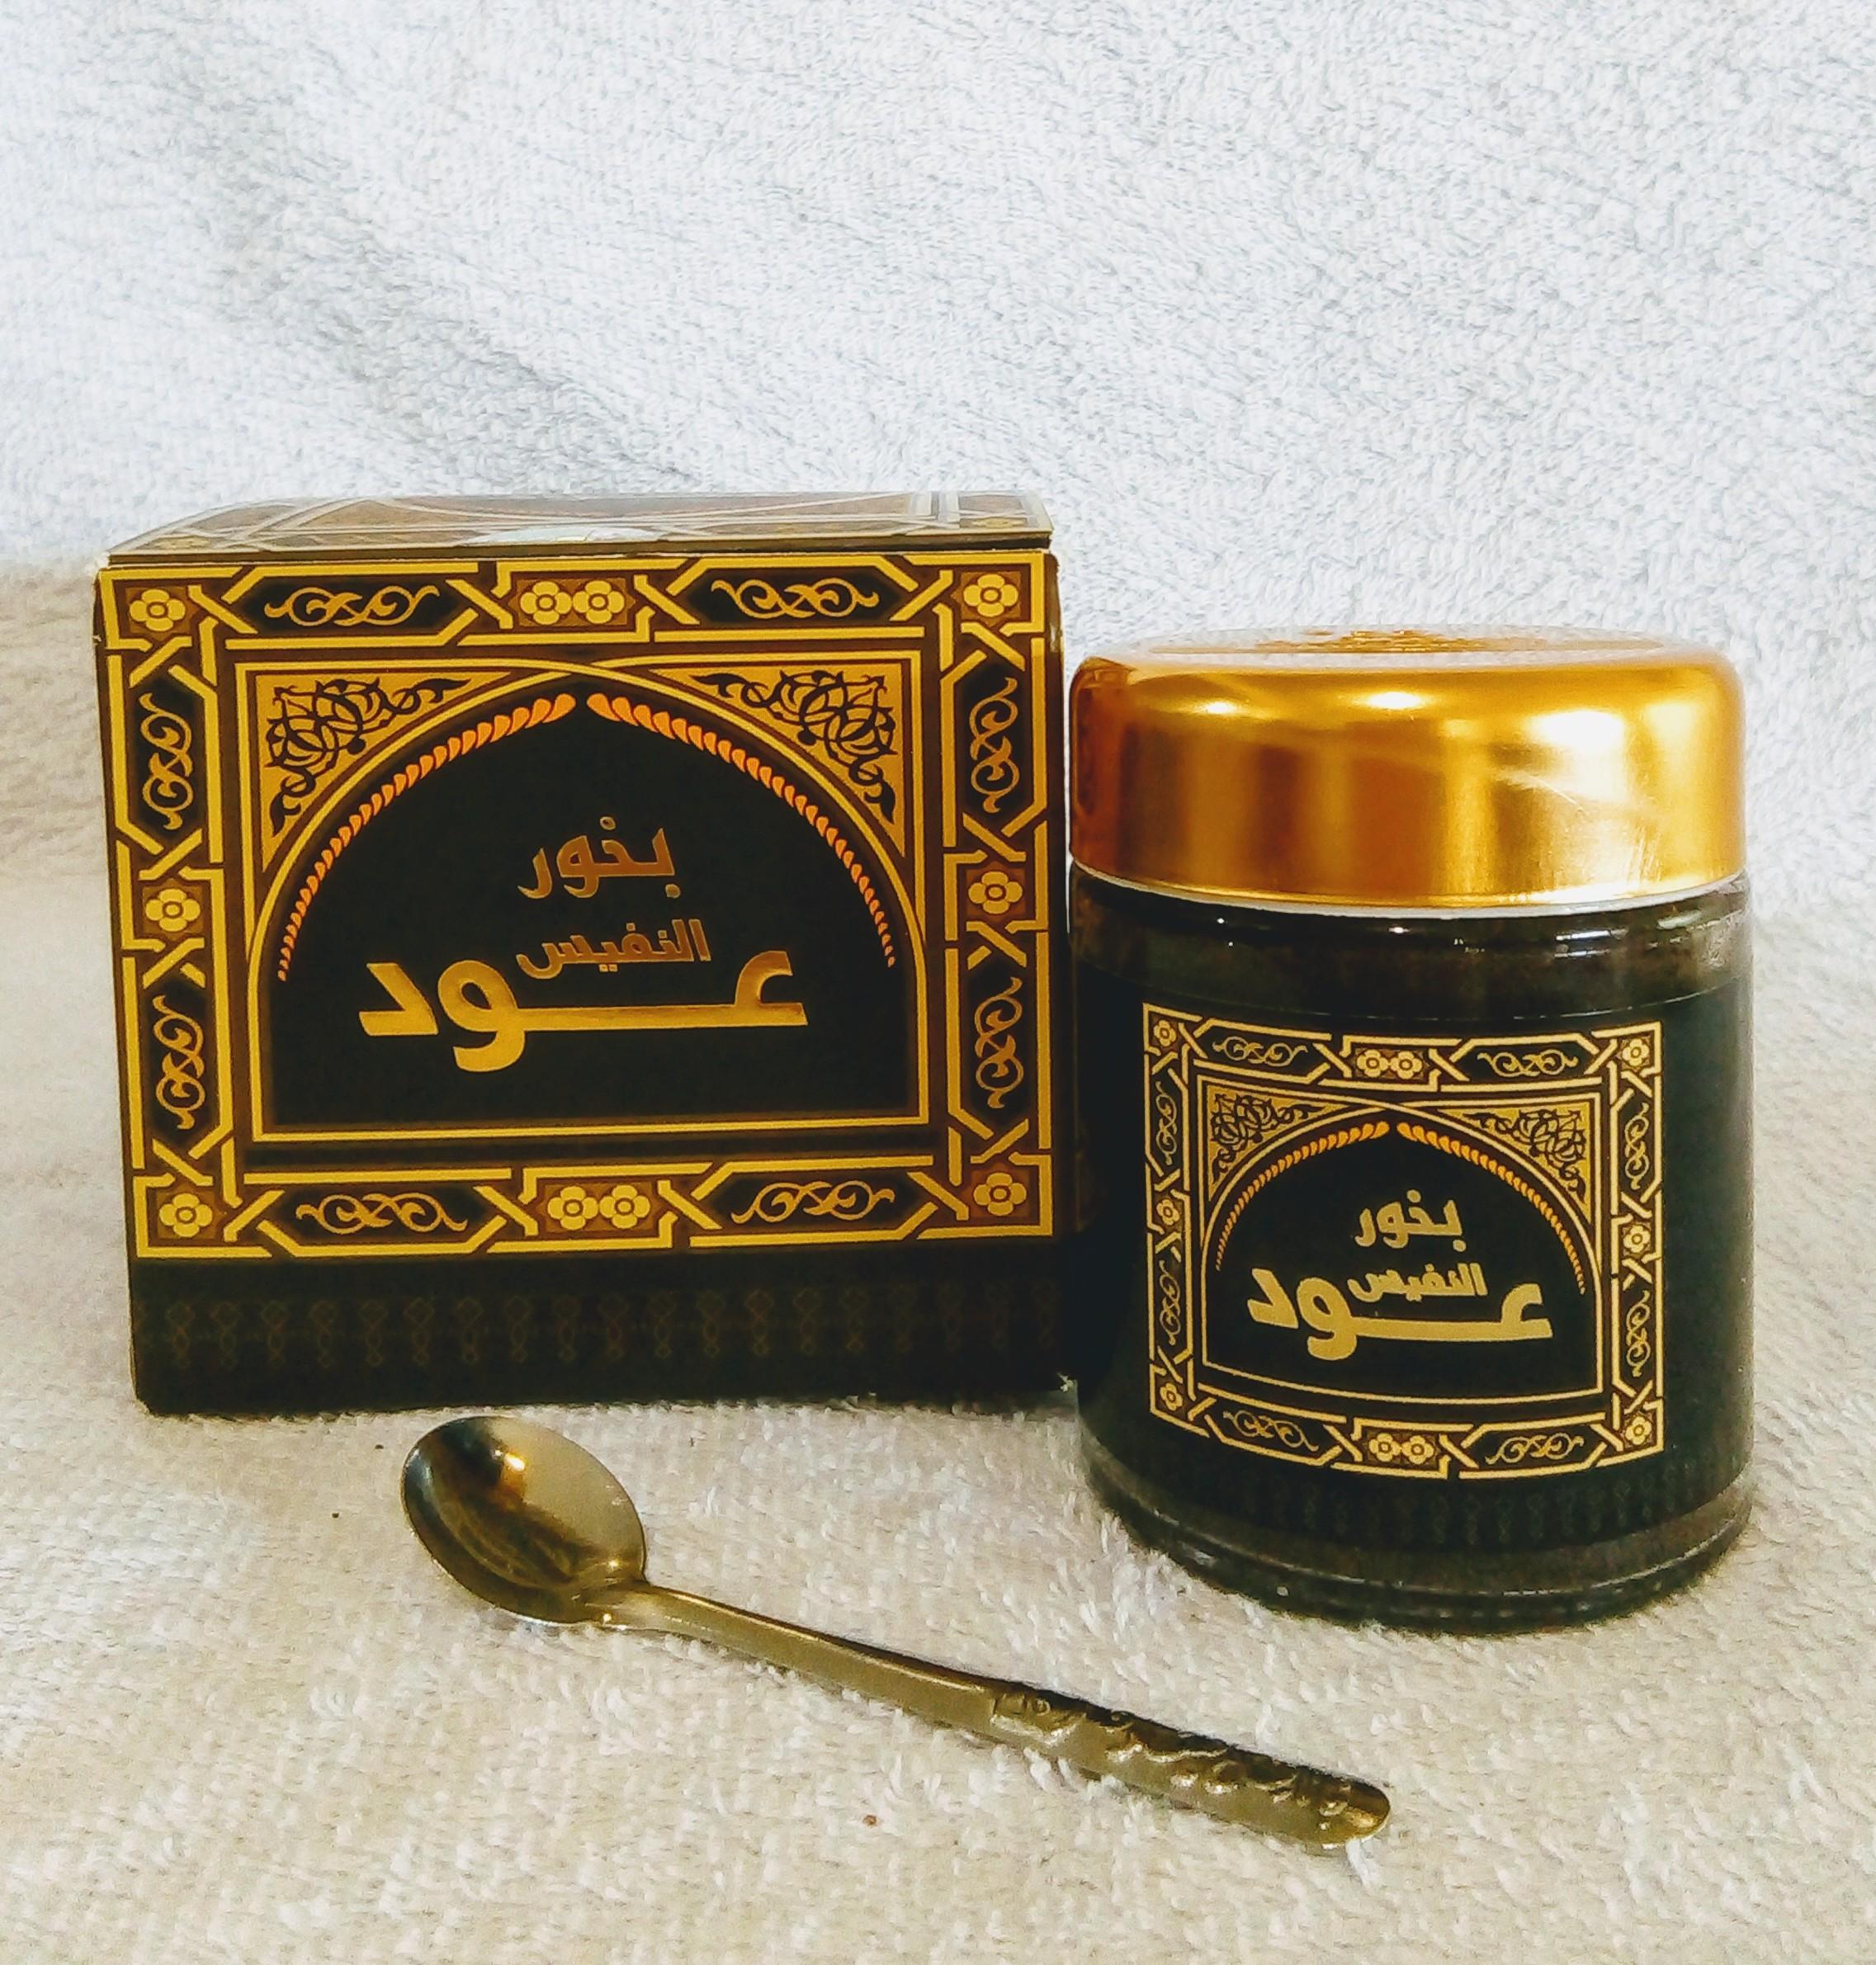 bakhoor al nafees by banafa for oud